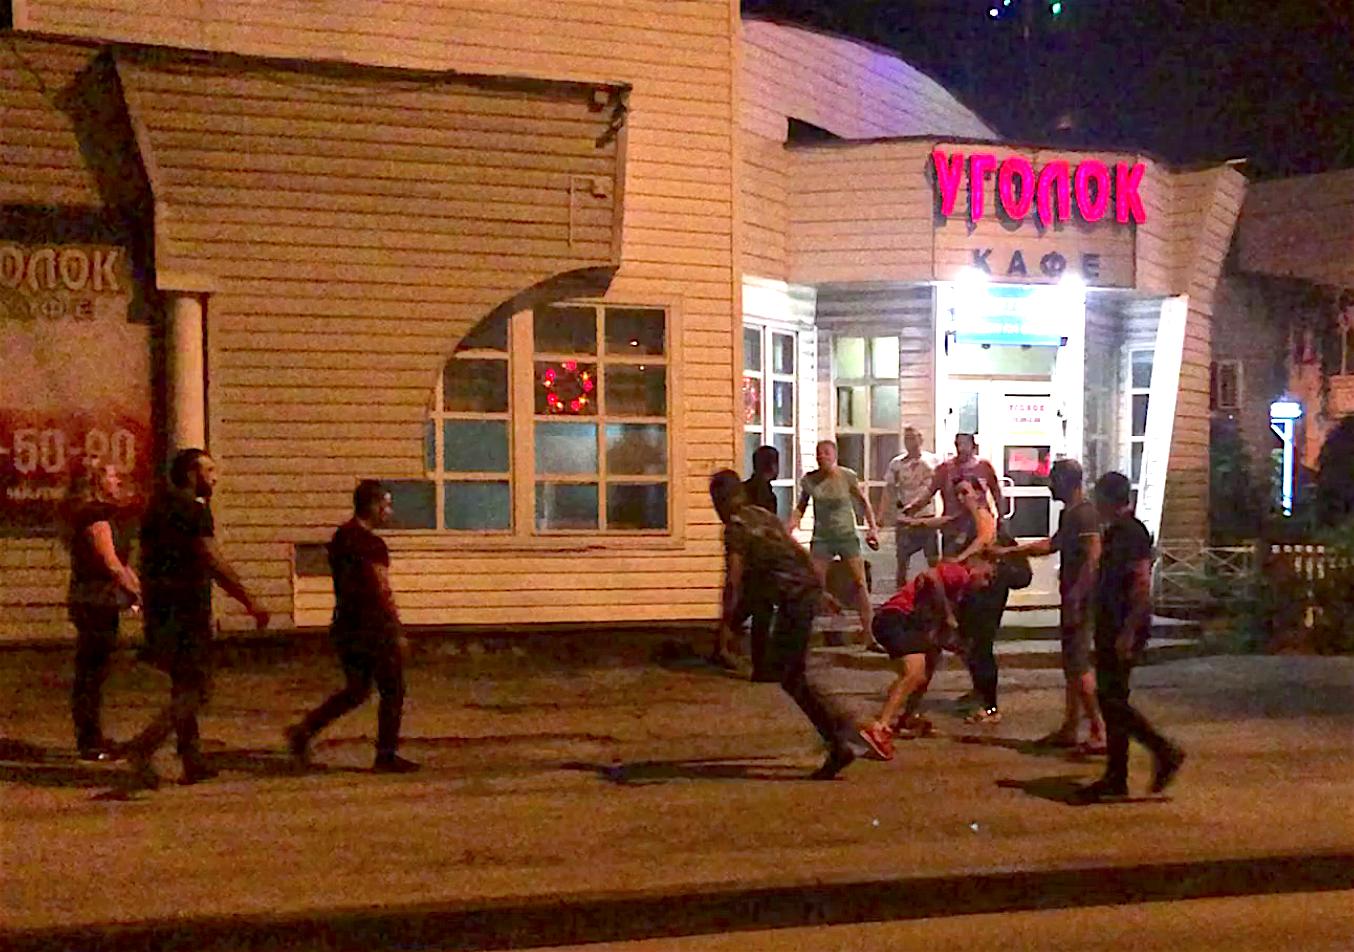 Усилиями оперативников УМВД Пензенской области задержан ключевой участник жестокой драки в Пензе в ночь с 7 на 8 августа